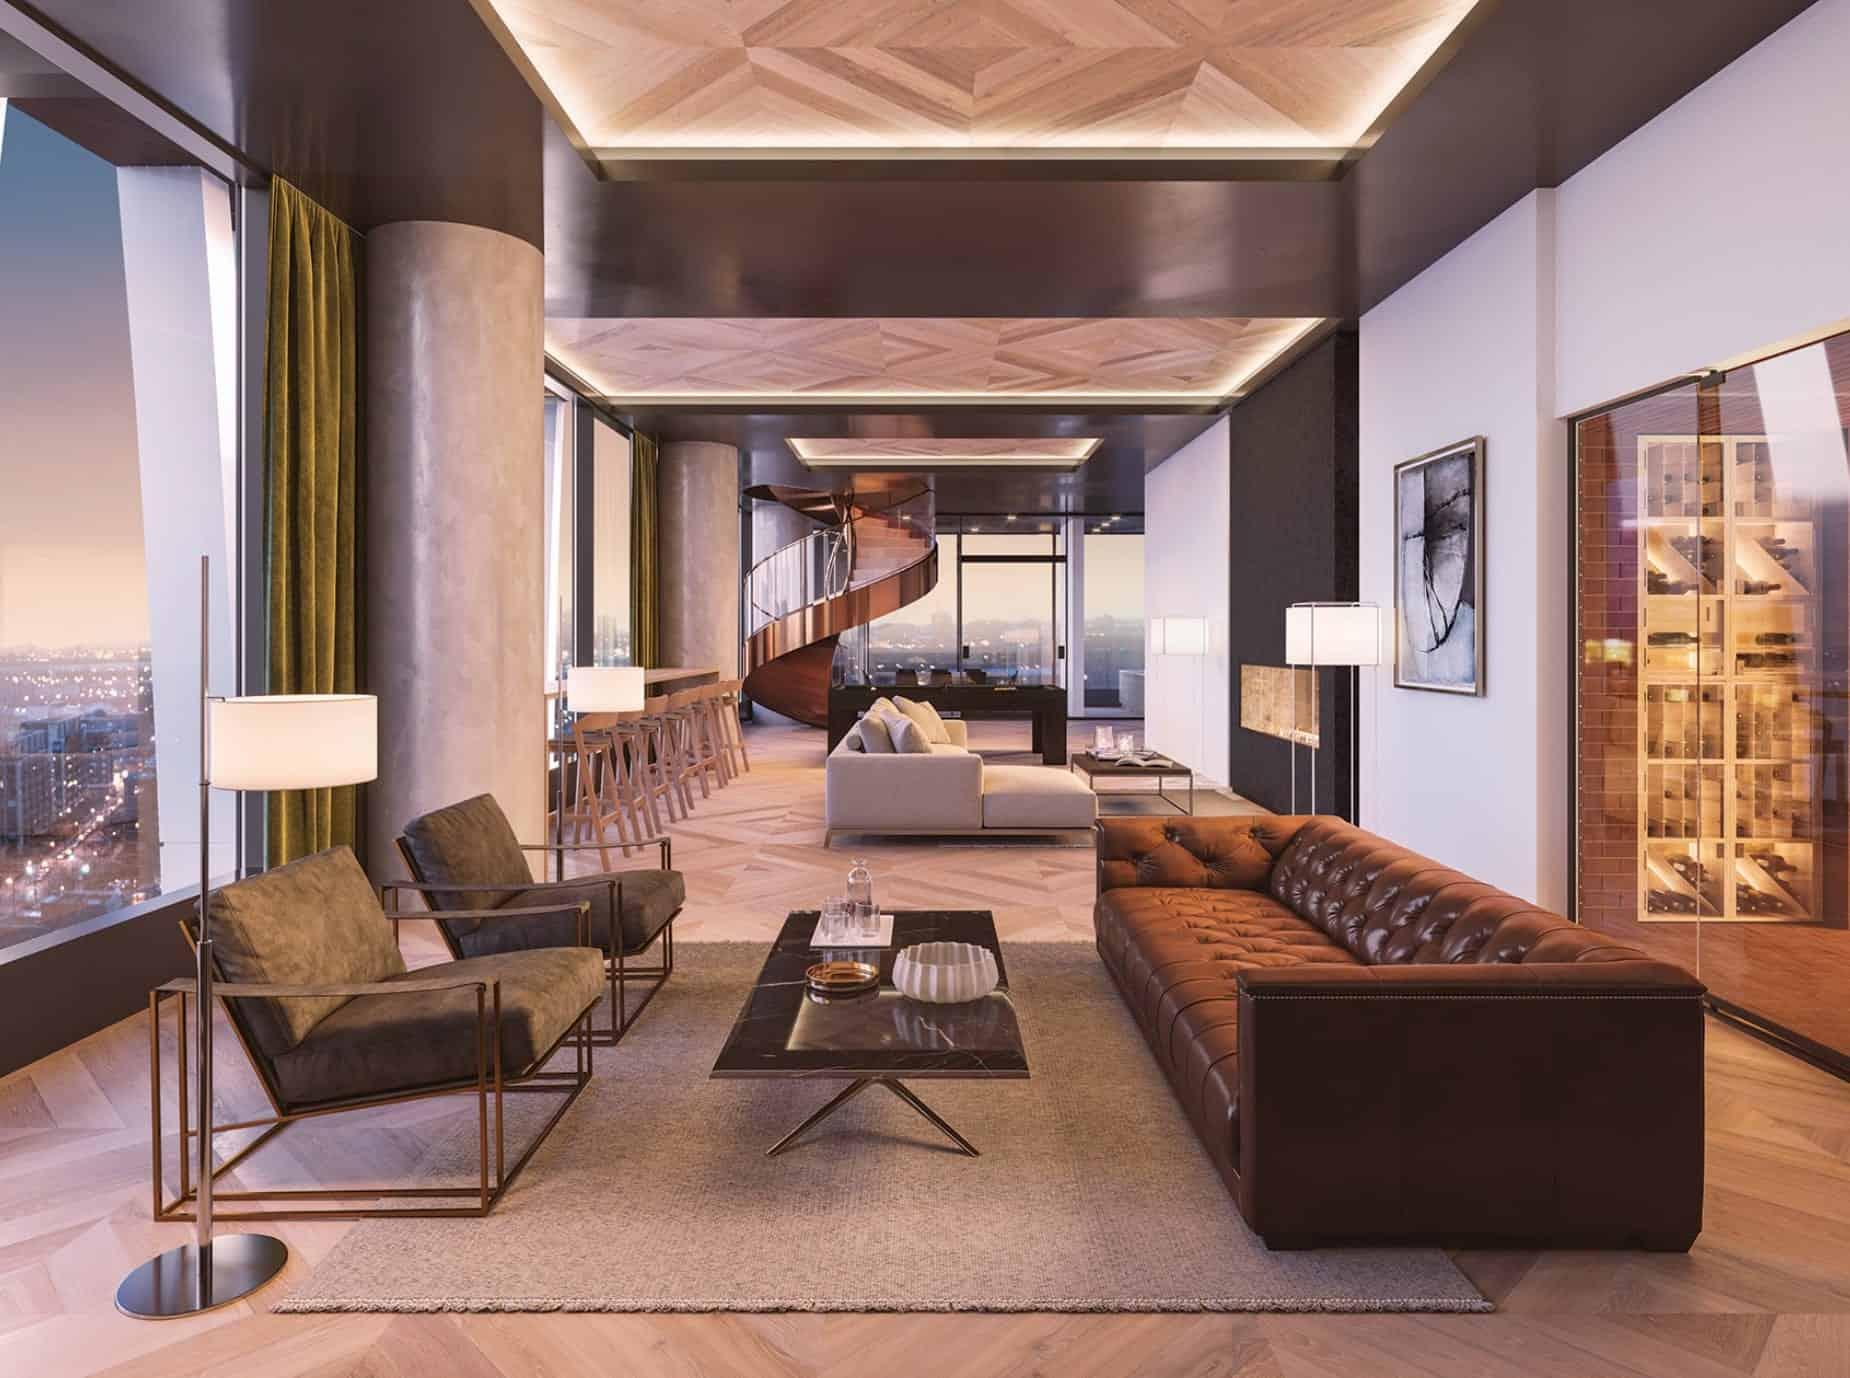 Solstice Montreal Condos Living Room Interior True Condos